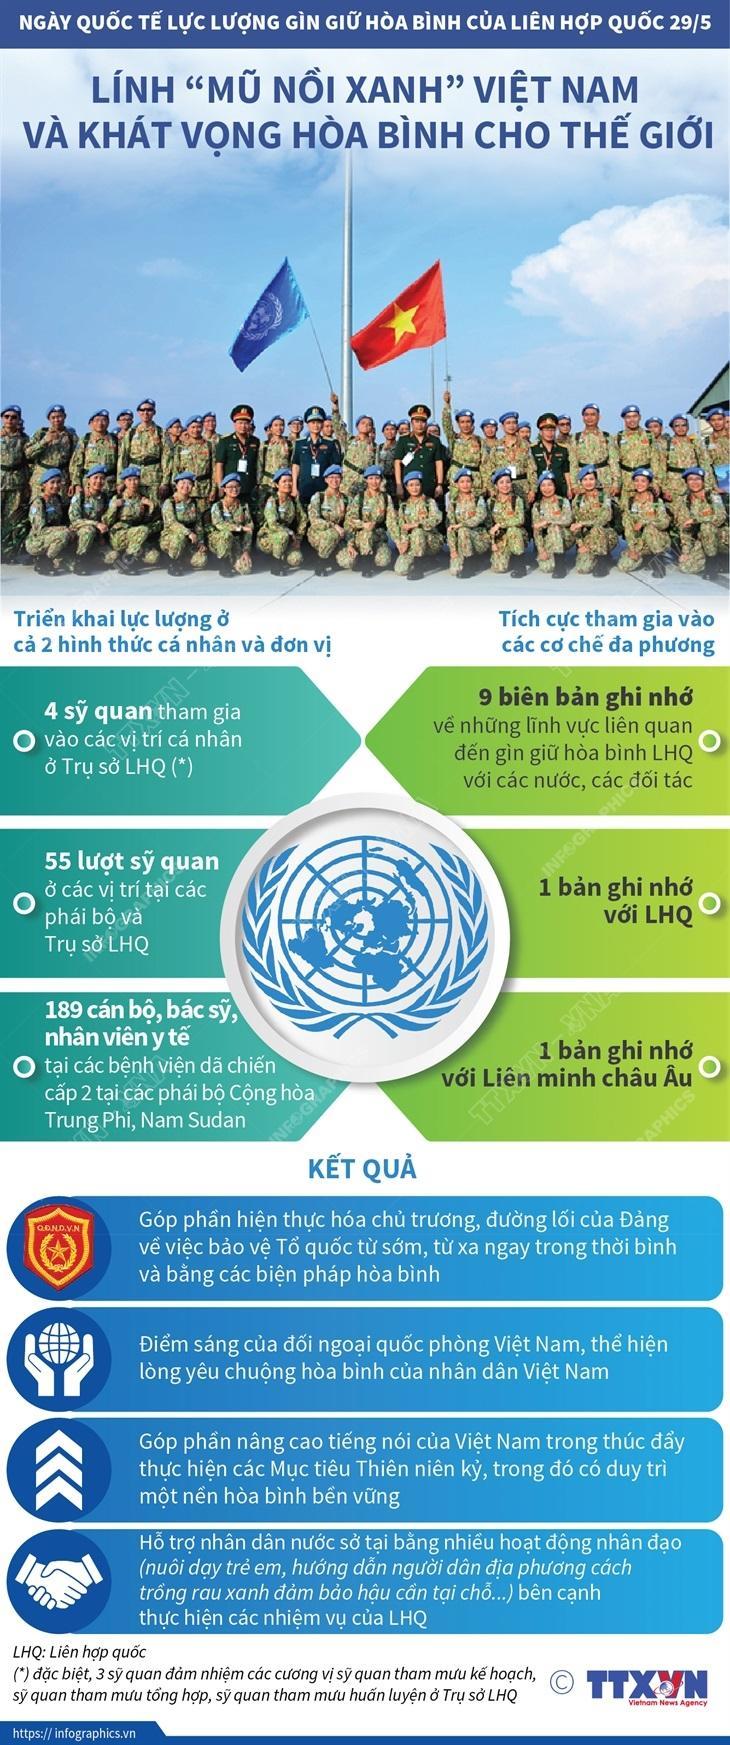 Lính 'mũ nồi xanh' Việt Nam và khát vọng hòa bình cho thế giới Ảnh 1